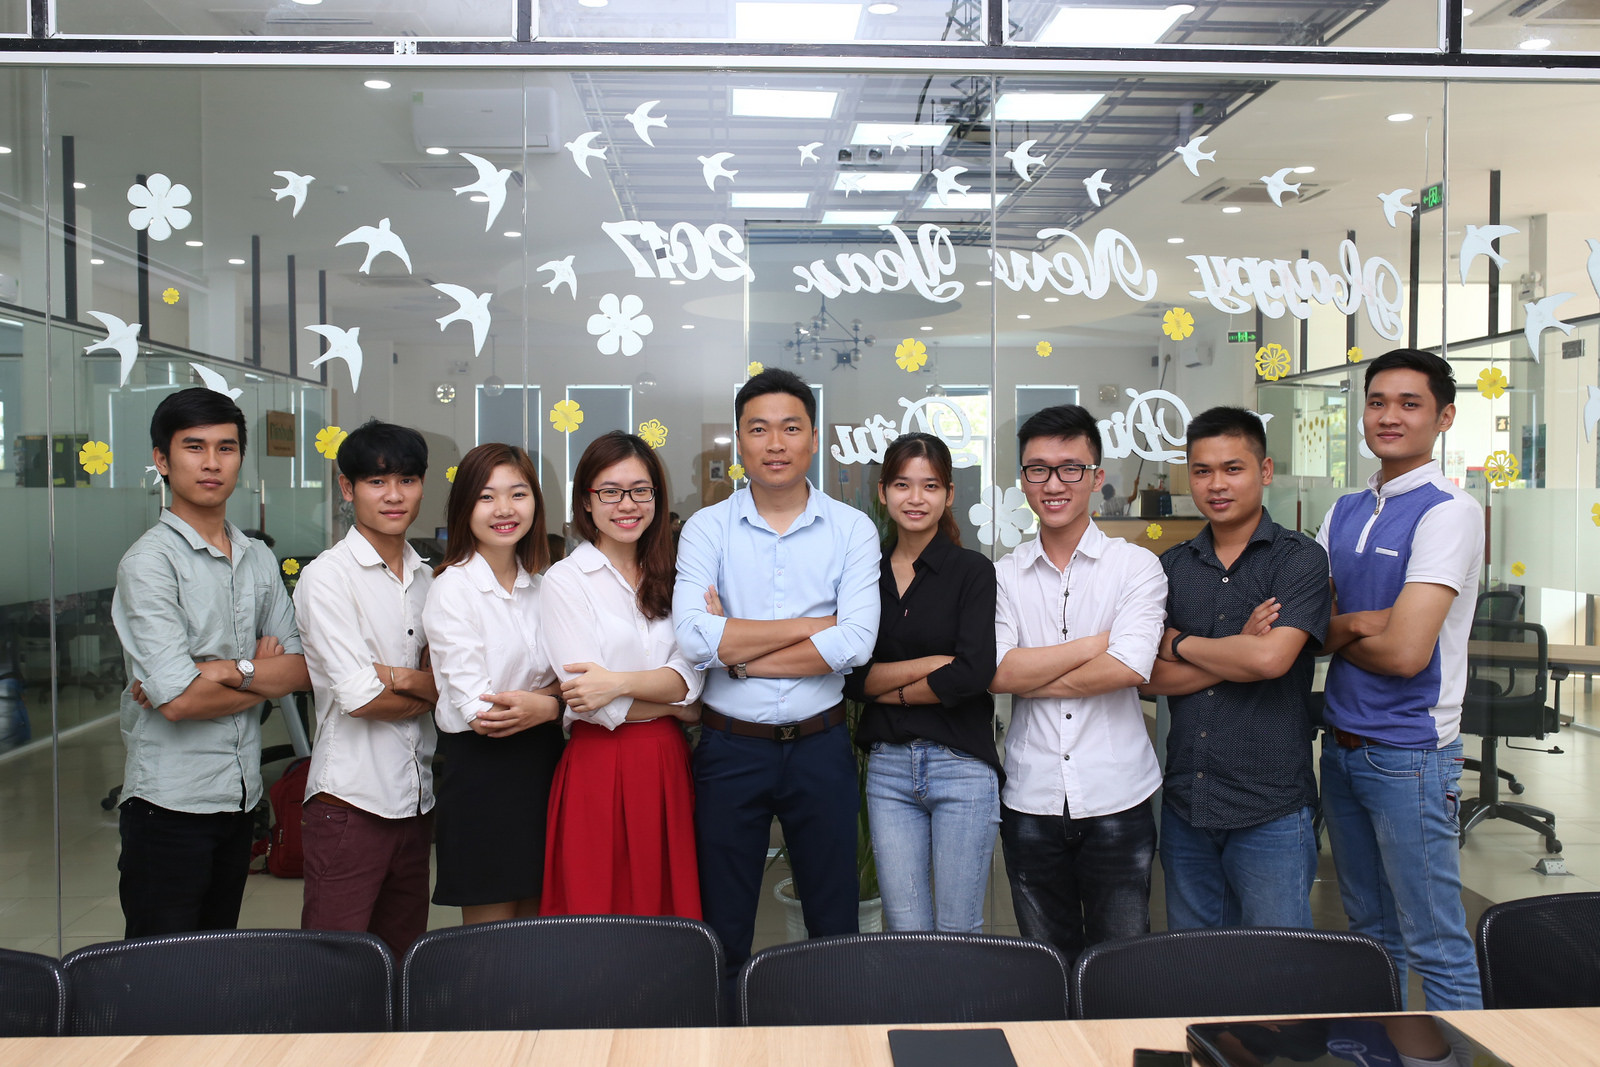 công ty Seo uy tín nhất tại Đà Nẵng